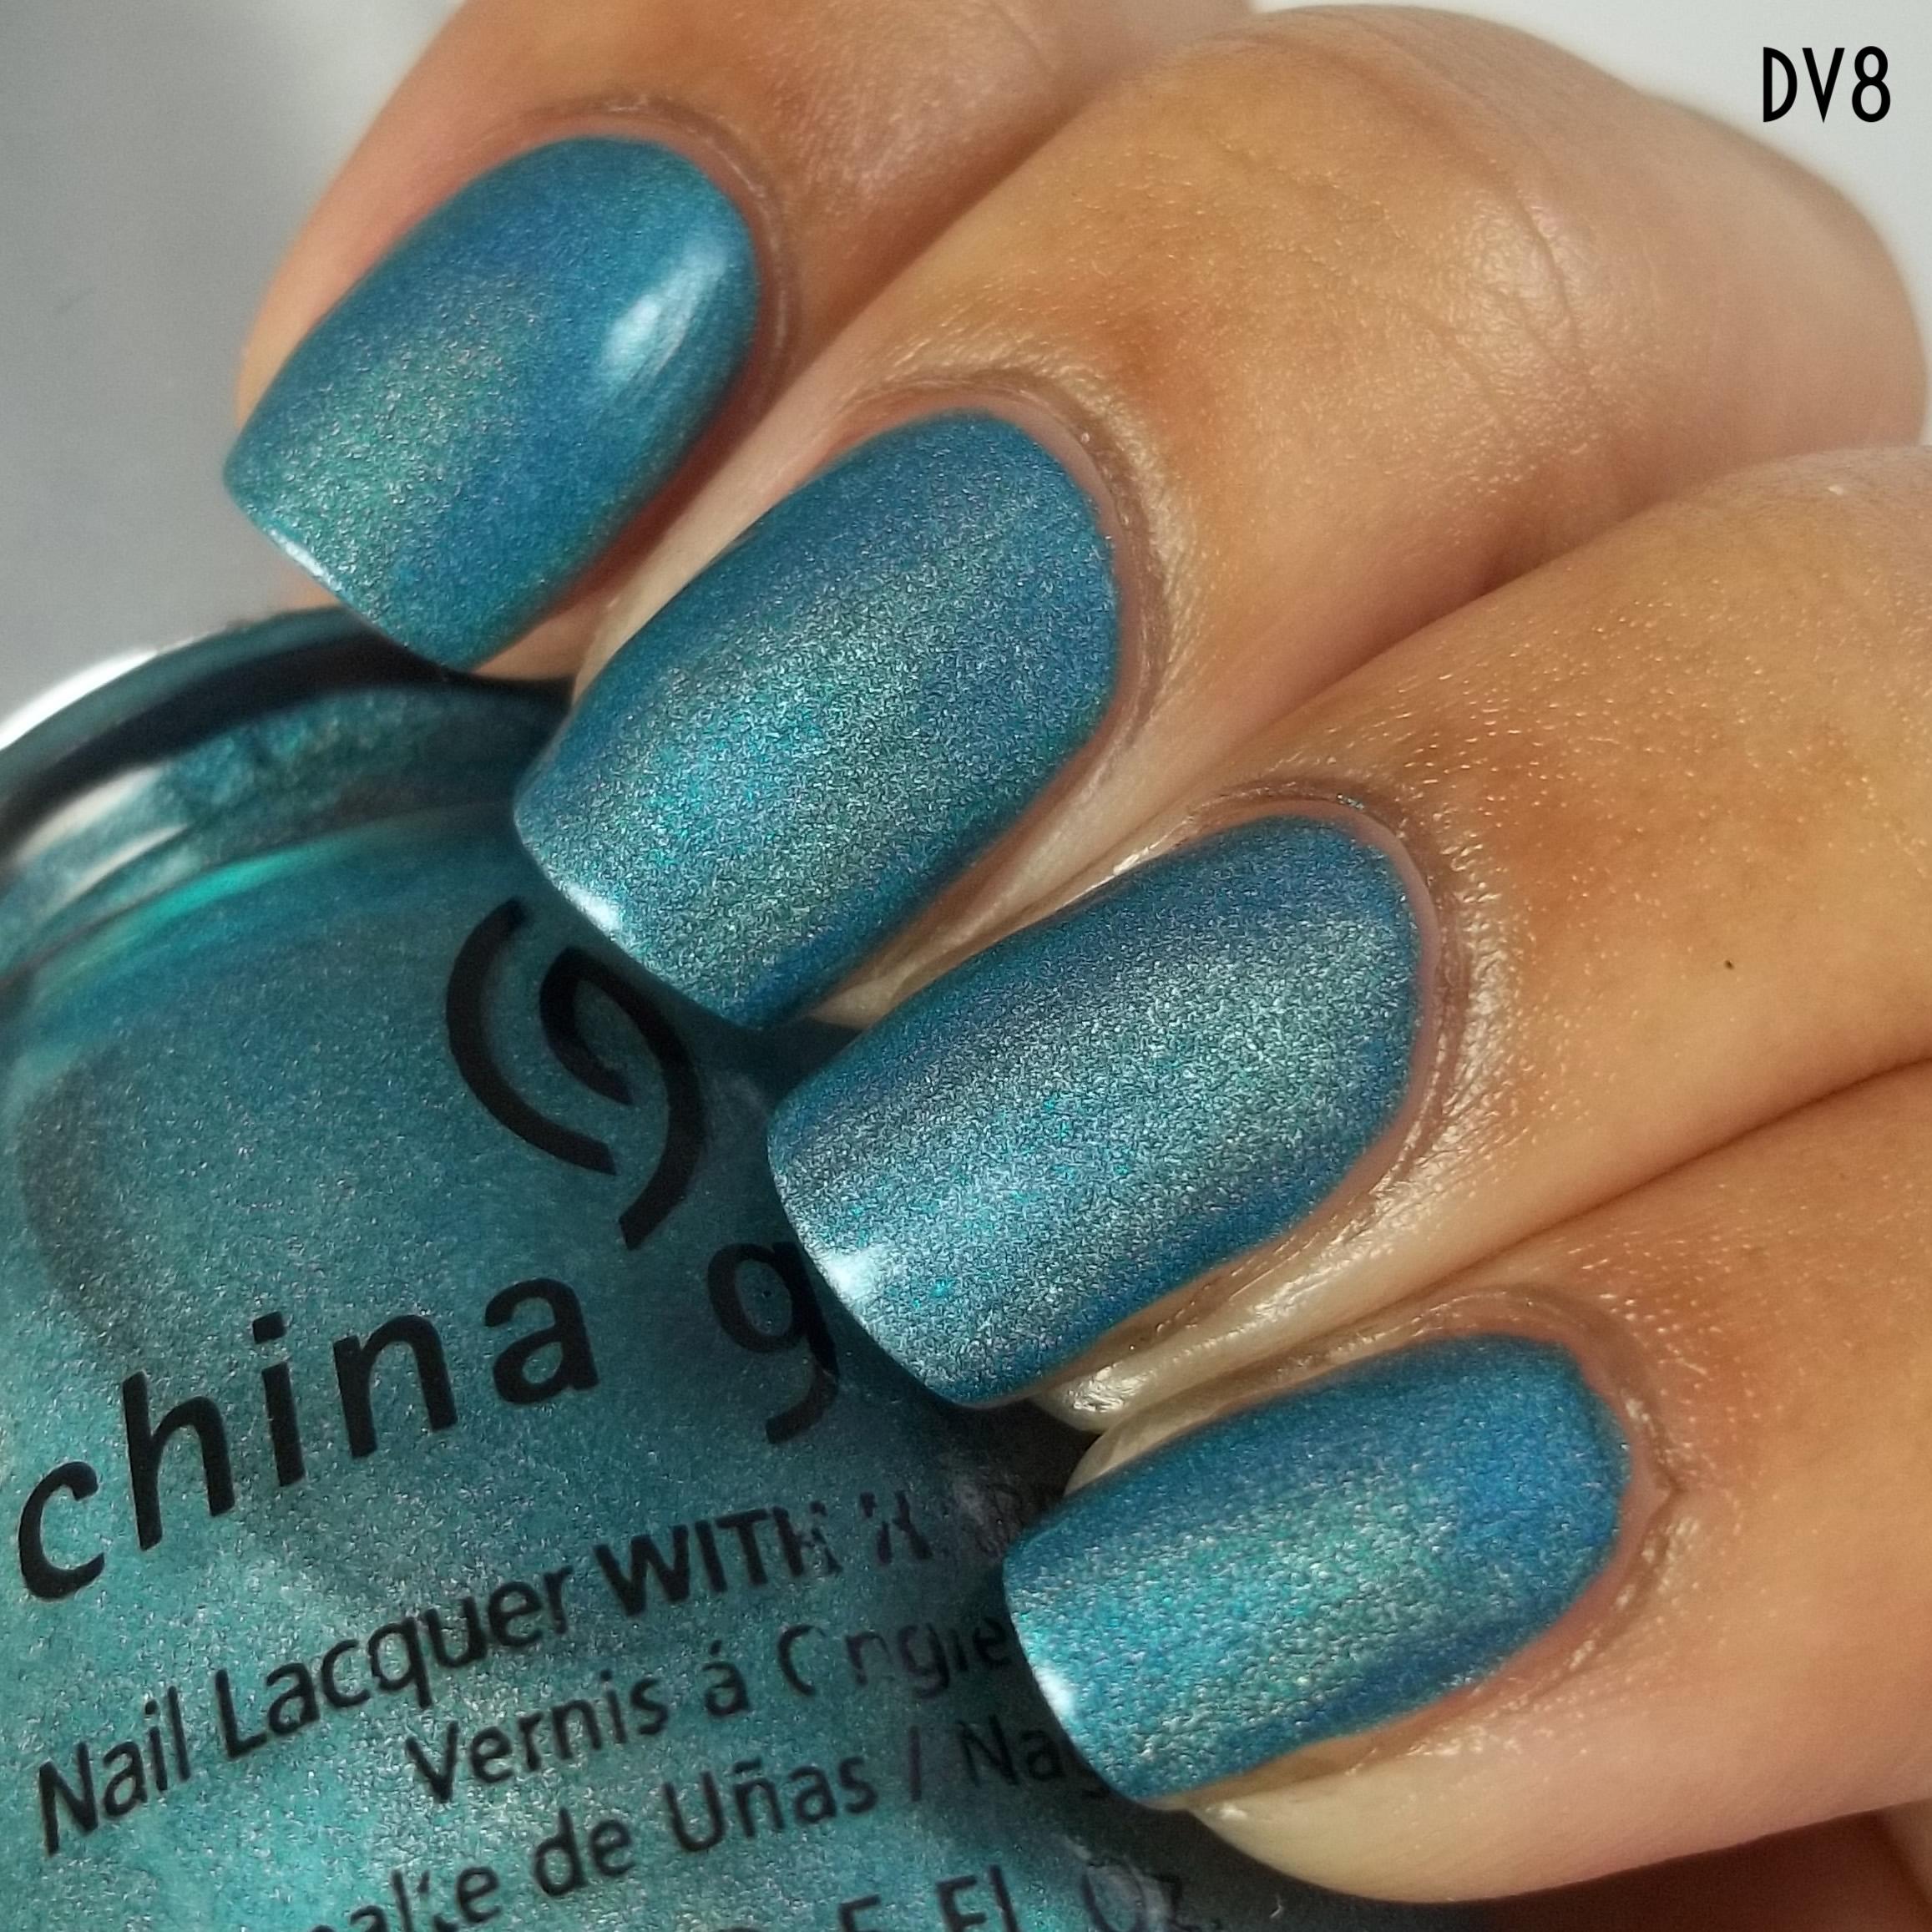 China Glaze OMG - DV8.jpg